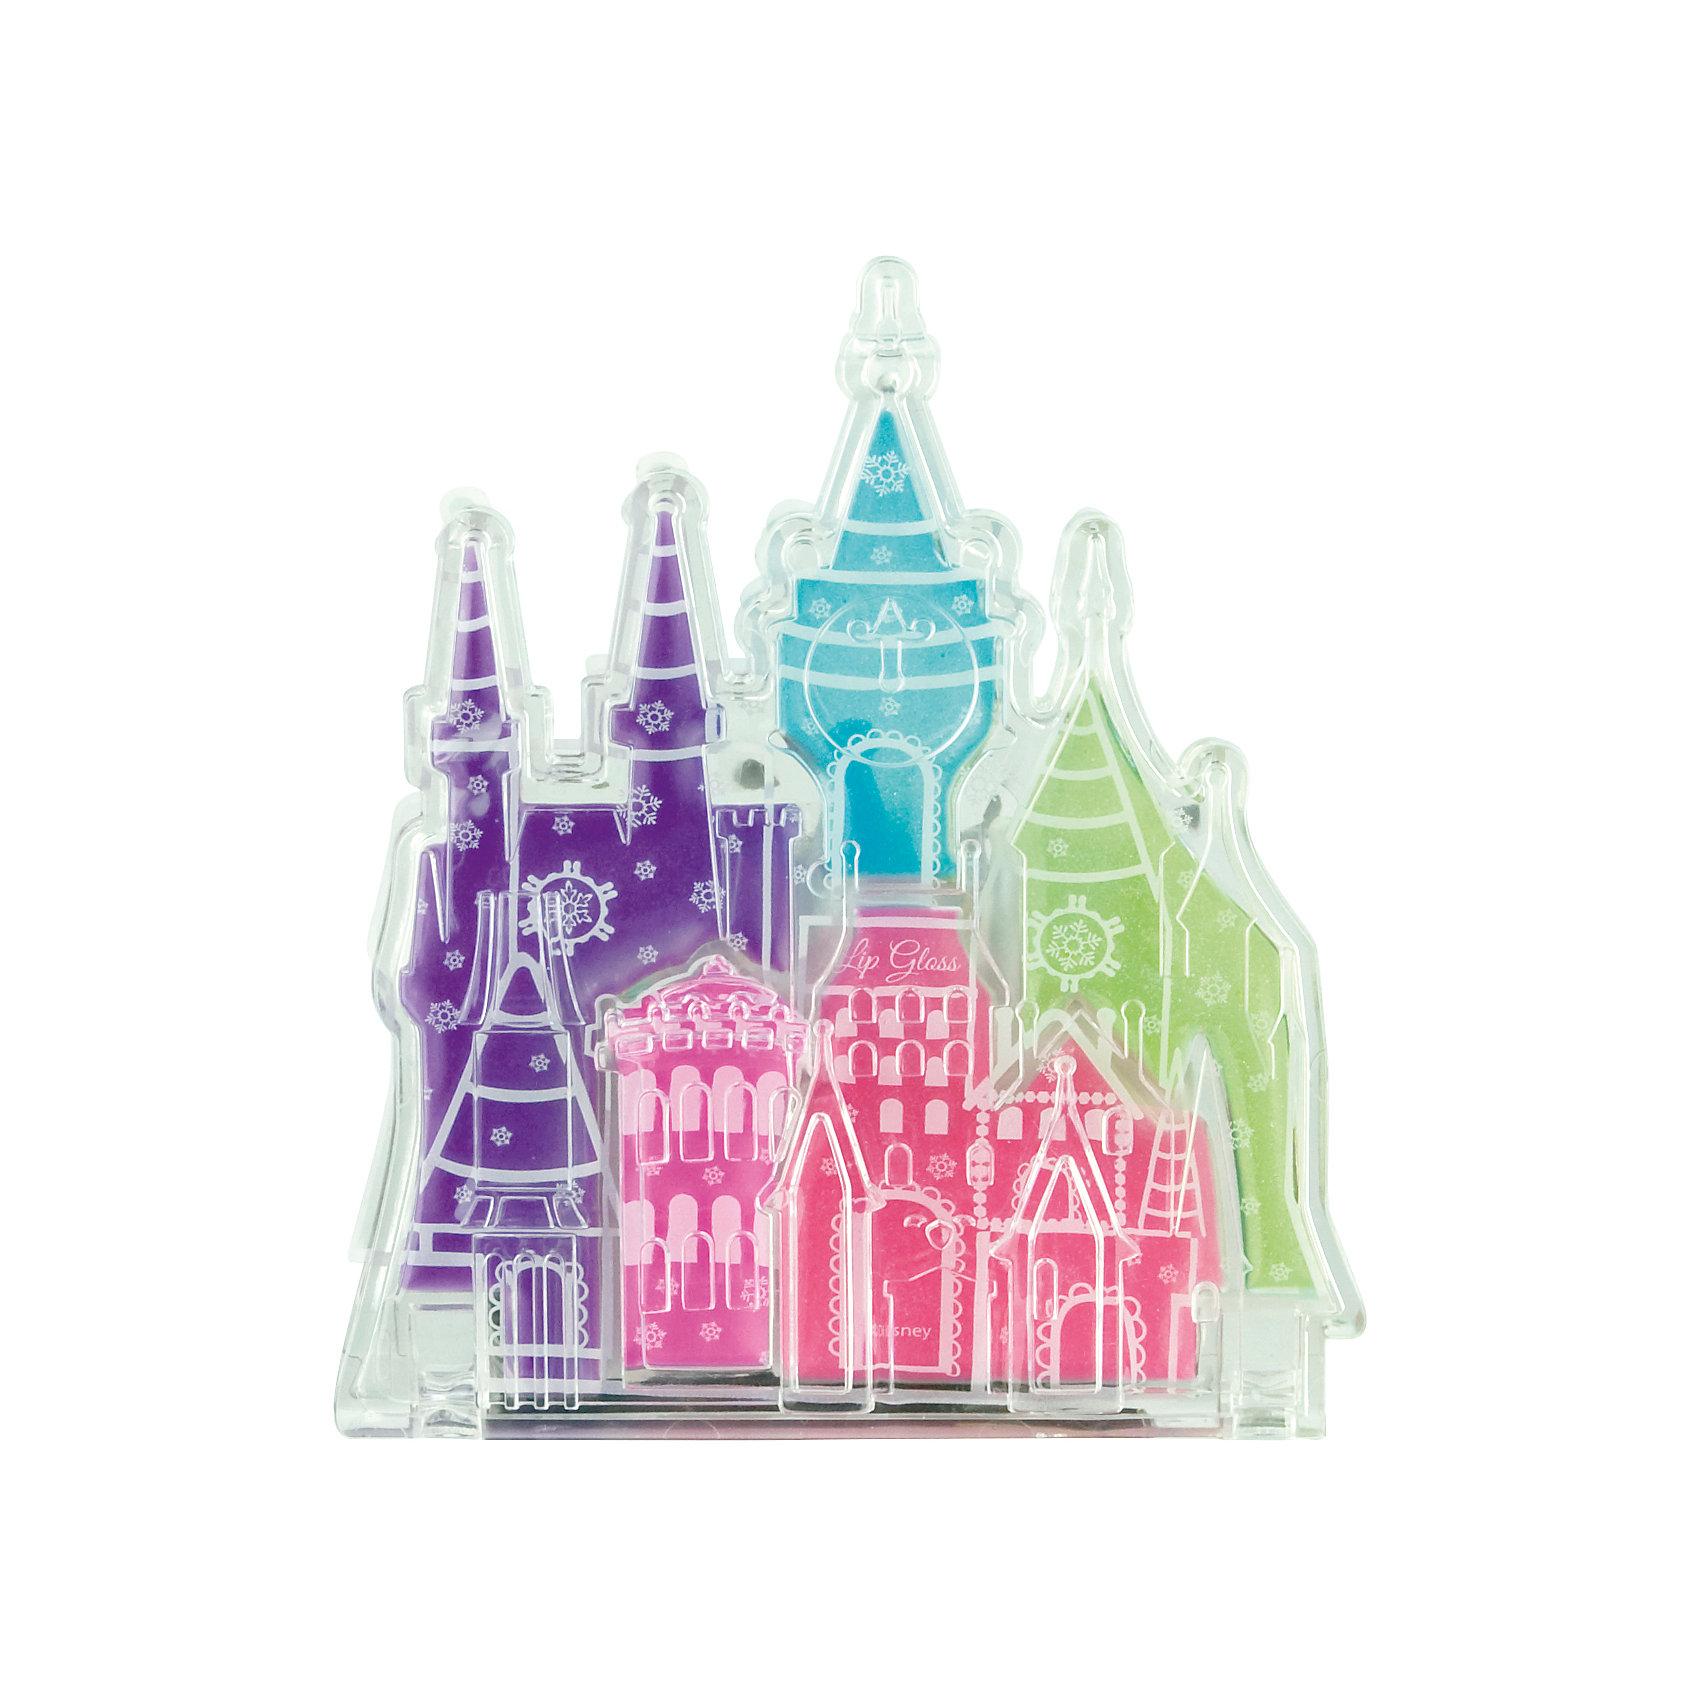 Набор детской косметики Princess - Блеск для губХарактеристики:<br><br>• Наименование: детская декоративная косметика<br>• Предназначение: для сюжетно-ролевых игр<br>• Серия: Принцессы Диснея<br>• Пол: для девочки<br>• Материал: натуральные косметические компоненты, пластик, текстиль<br>• Цвет: оттенки розового, голубой, сиреневый, салатовый<br>• Комплектация: палитра блеска для губ из 5 оттенков<br>• Размеры (Д*Ш*В): 10*9*3 см<br>• Вес: 50 г <br>• Упаковка: футляр в виде замка<br><br>Игровой набор детской декоративной косметики в замке, Принцессы Дисней – это набор игровой детской косметики от Markwins, которая вот уже несколько десятилетий специализируется на выпуске детской косметики. Рецептура декоративной детской косметики разработана совместно с косметологами и медиками, в основе рецептуры – водная основа, а потому она гипоаллергенны, не вызывает раздражений на детской коже и легко смывается, не оставляя следа. Безопасность продукции подтверждена международными сертификатами качества и безопасности. <br>Игровой набор детской декоративной косметики состоит из палитры нежных оттенков блеска для губ в оригинальном футляре в виде замка. Косметические средства, входящие в состав набора, имеют длительный срок хранения – 12 месяцев. Набор выполнен в брендовом дизайне популярной серии Принцессы Диснея. Игровой набор детской декоративной косметики от Markwins может стать незаменимым праздничным подарком для любой маленькой модницы!<br><br>Игровой набор детской декоративной косметики в замке, Принцессы Дисней можно купить в нашем интернет-магазине.<br><br>Ширина мм: 80<br>Глубина мм: 100<br>Высота мм: 10<br>Вес г: 71<br>Возраст от месяцев: 48<br>Возраст до месяцев: 120<br>Пол: Женский<br>Возраст: Детский<br>SKU: 5124703